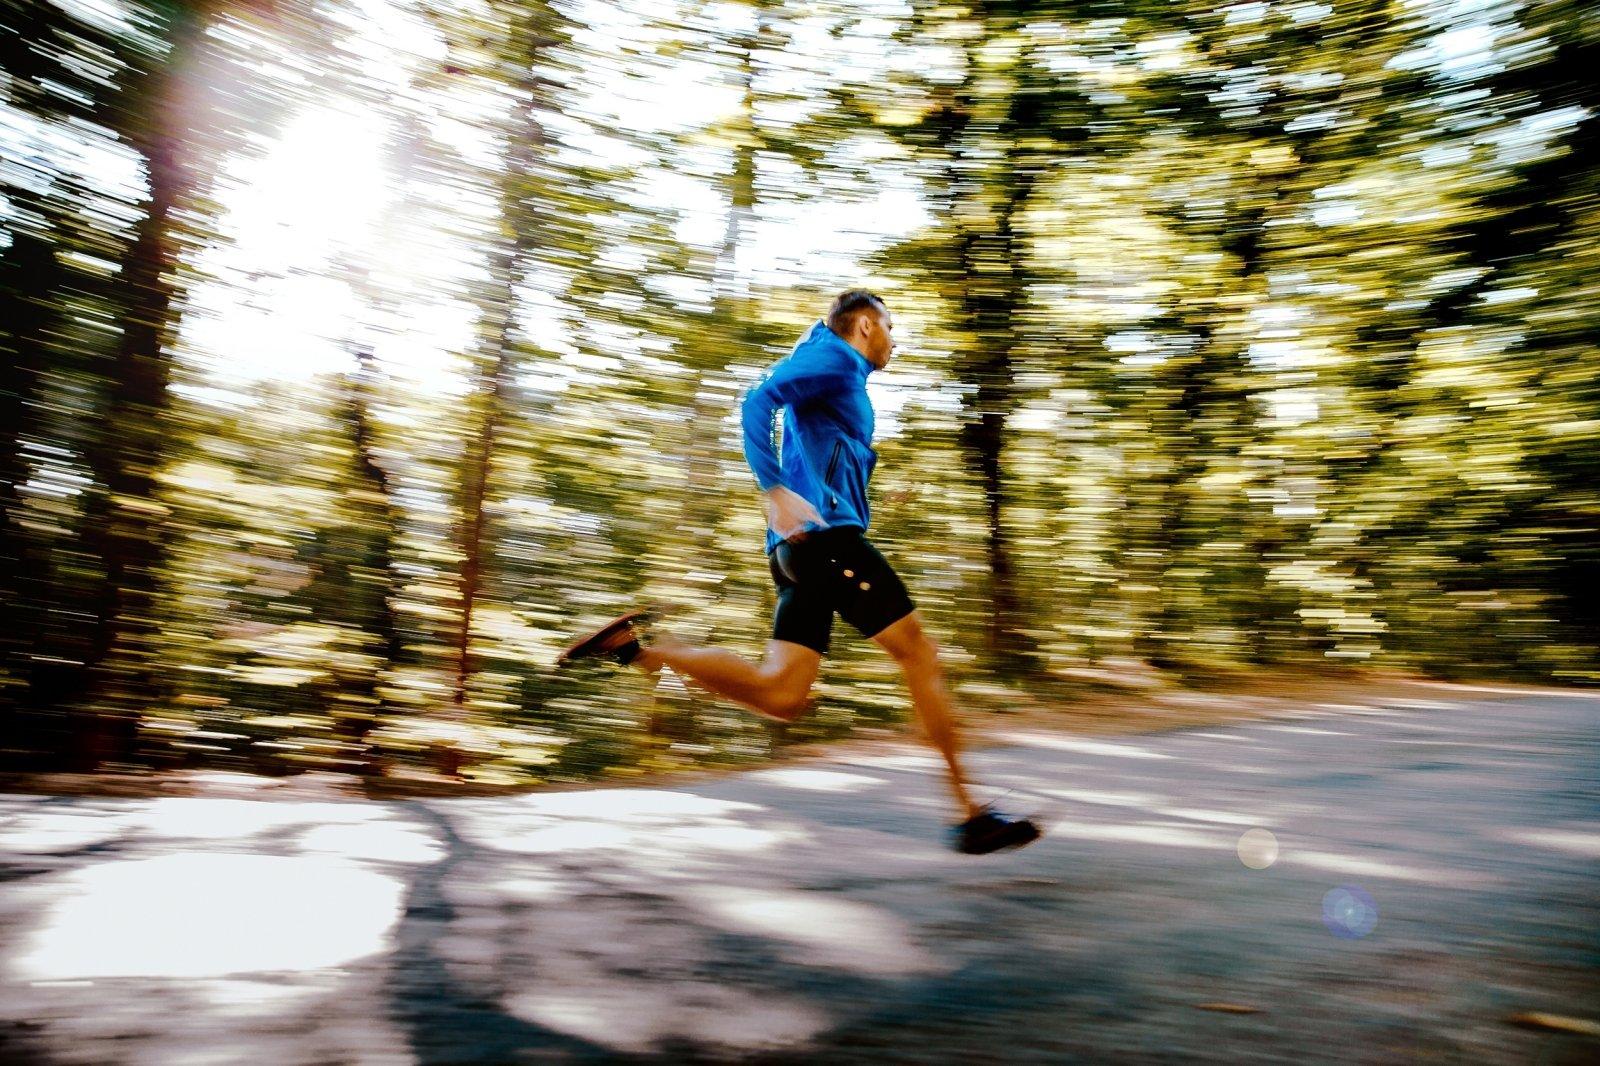 7 minutės bėgimo širdies sveikatai hipertenzija 3 laipsnio 2 pakopos rizika 4